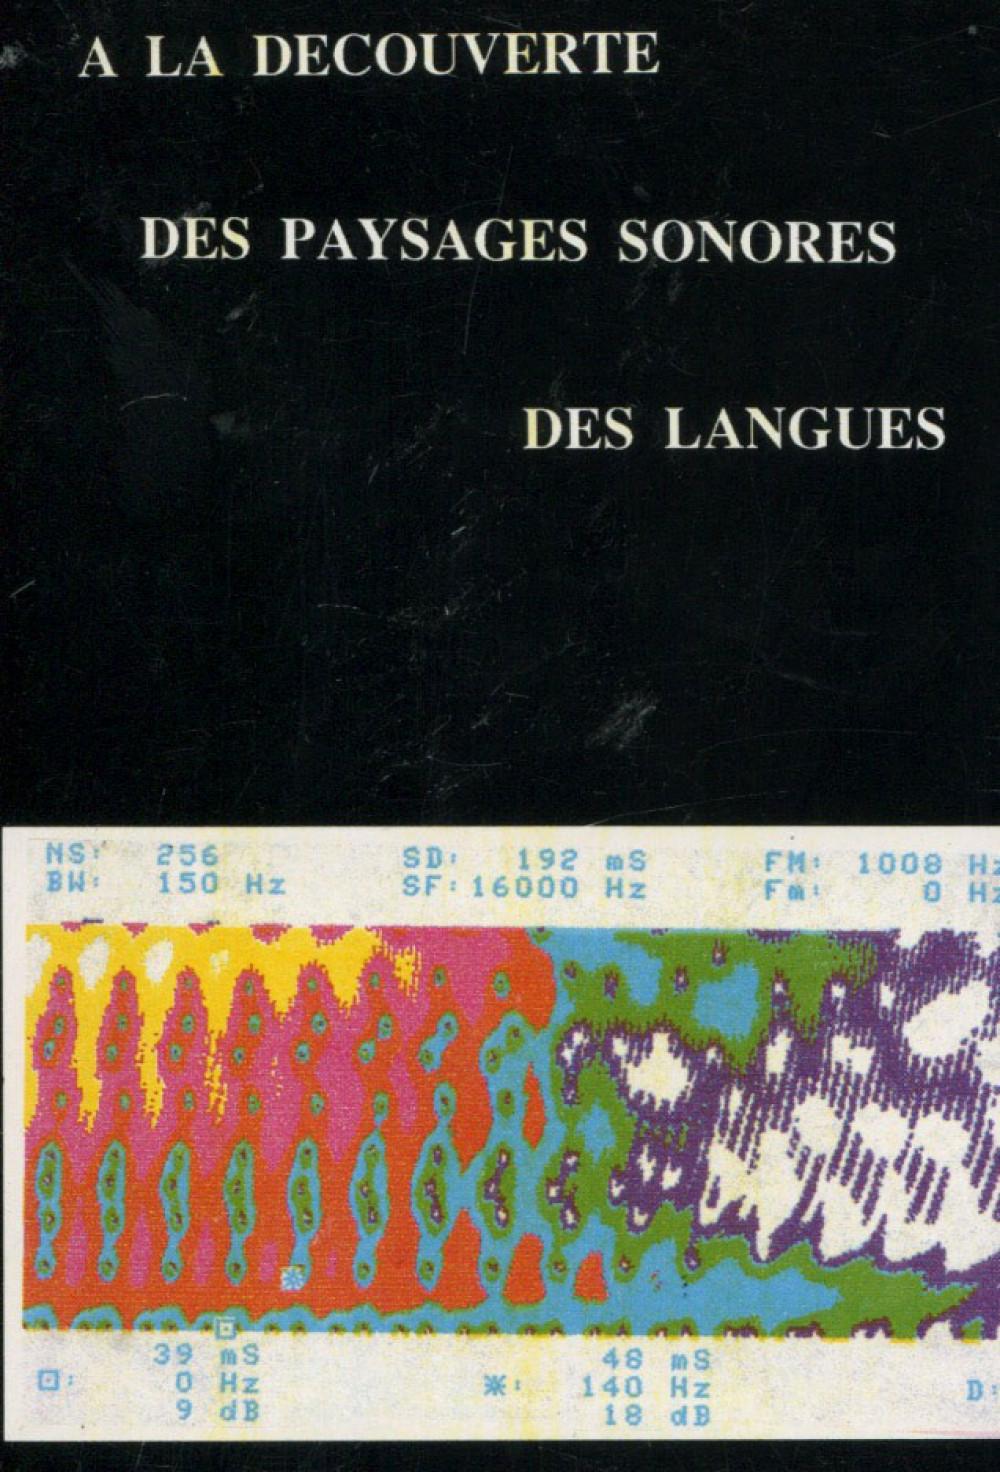 A la découverte des paysages sonores des langues